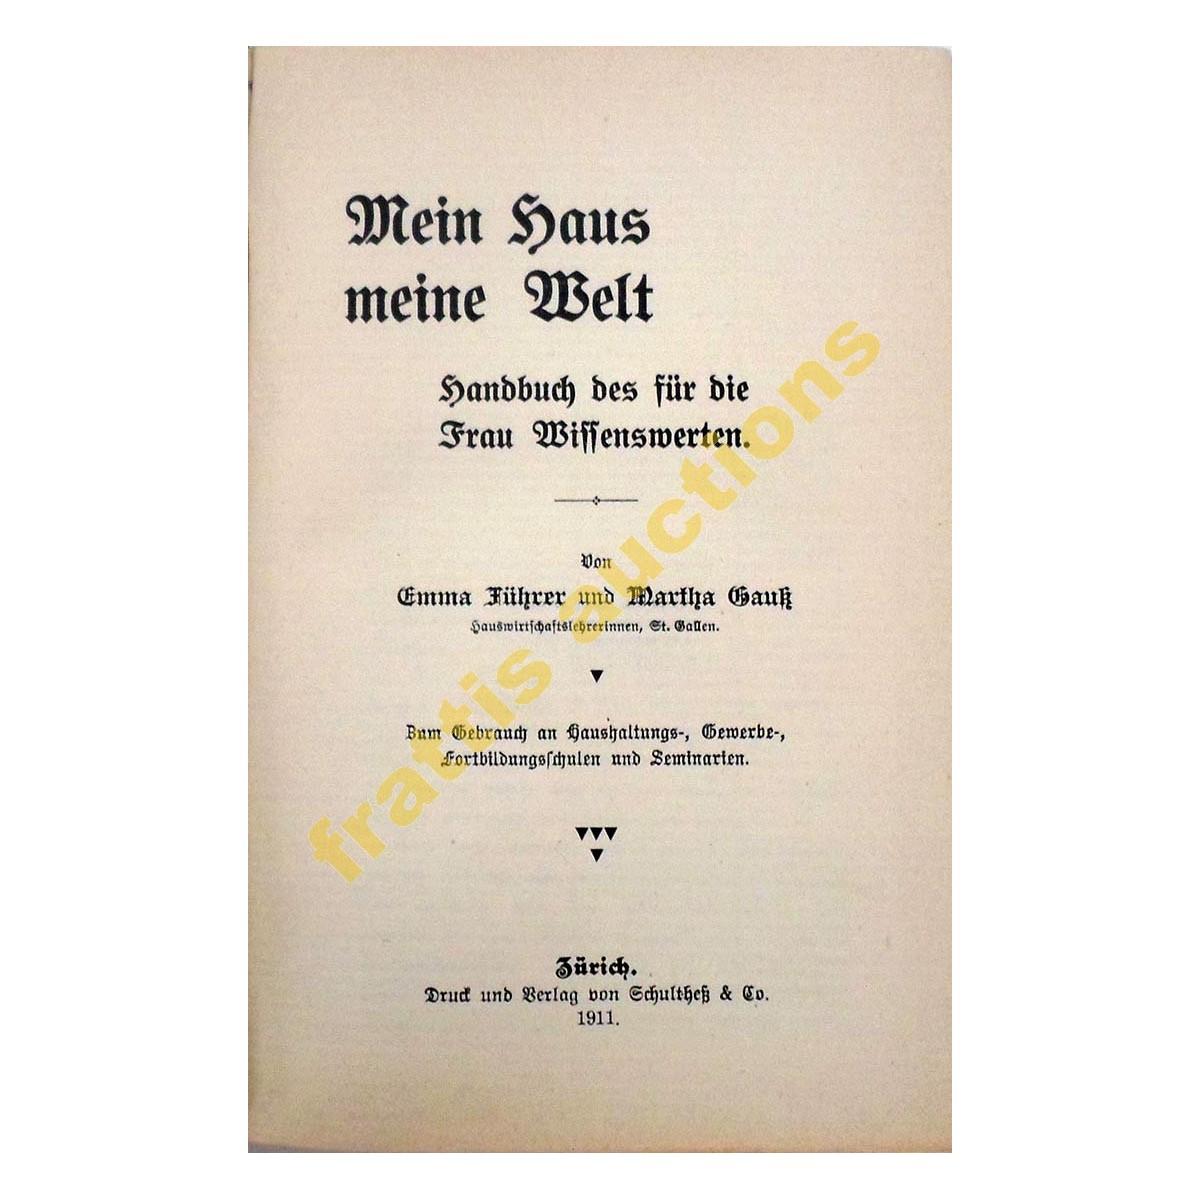 Meine haus meine welt, Fuhrer und Gauss,1911.